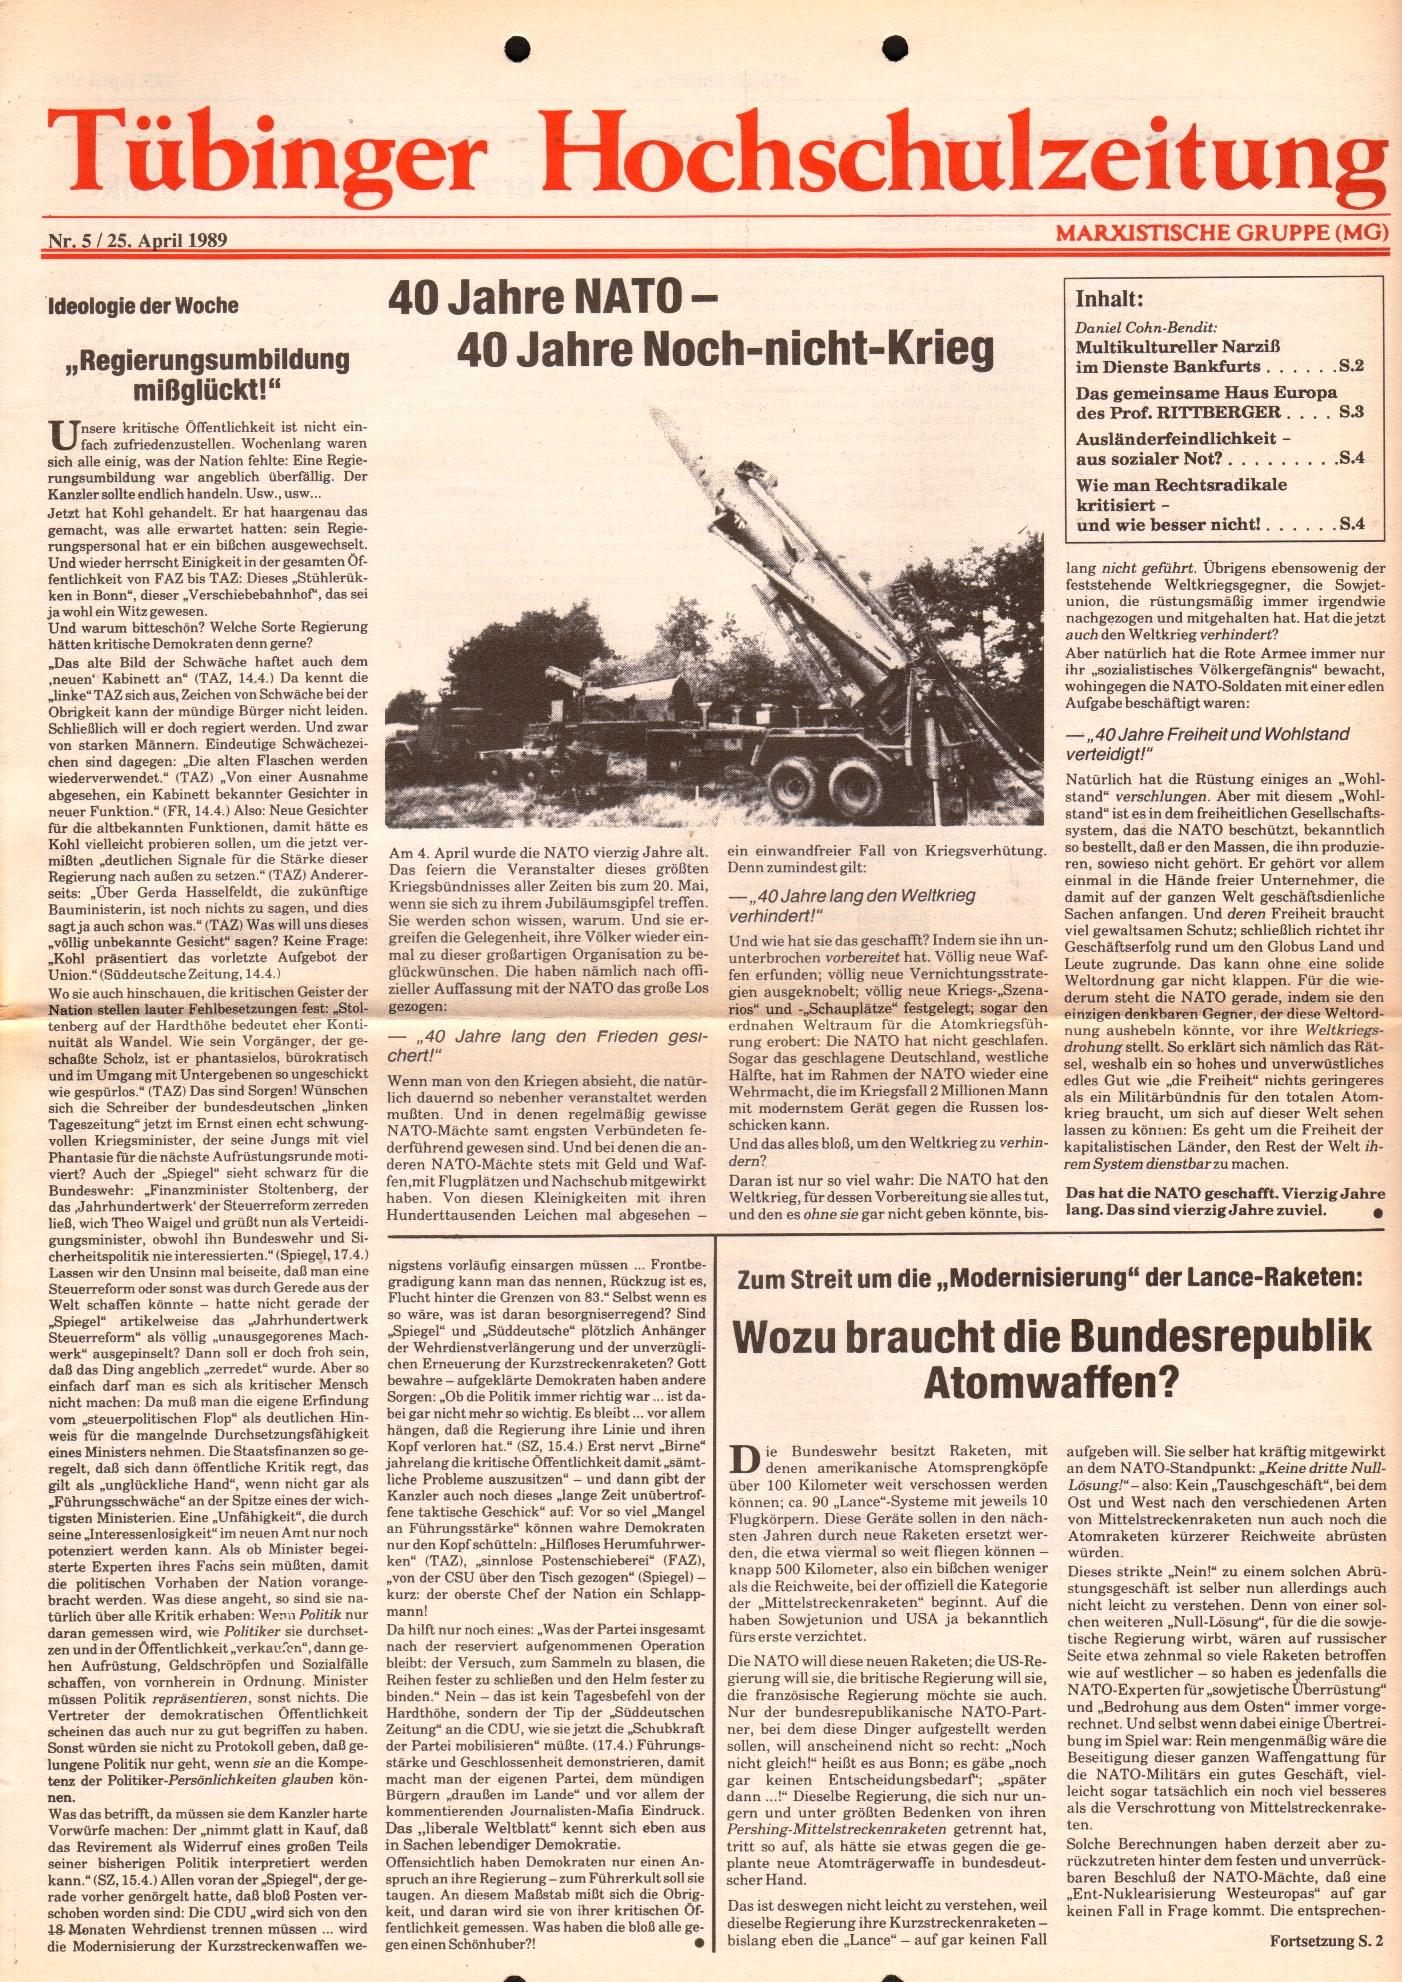 Tuebingen_MG_Hochschulzeitung_1989_05_01